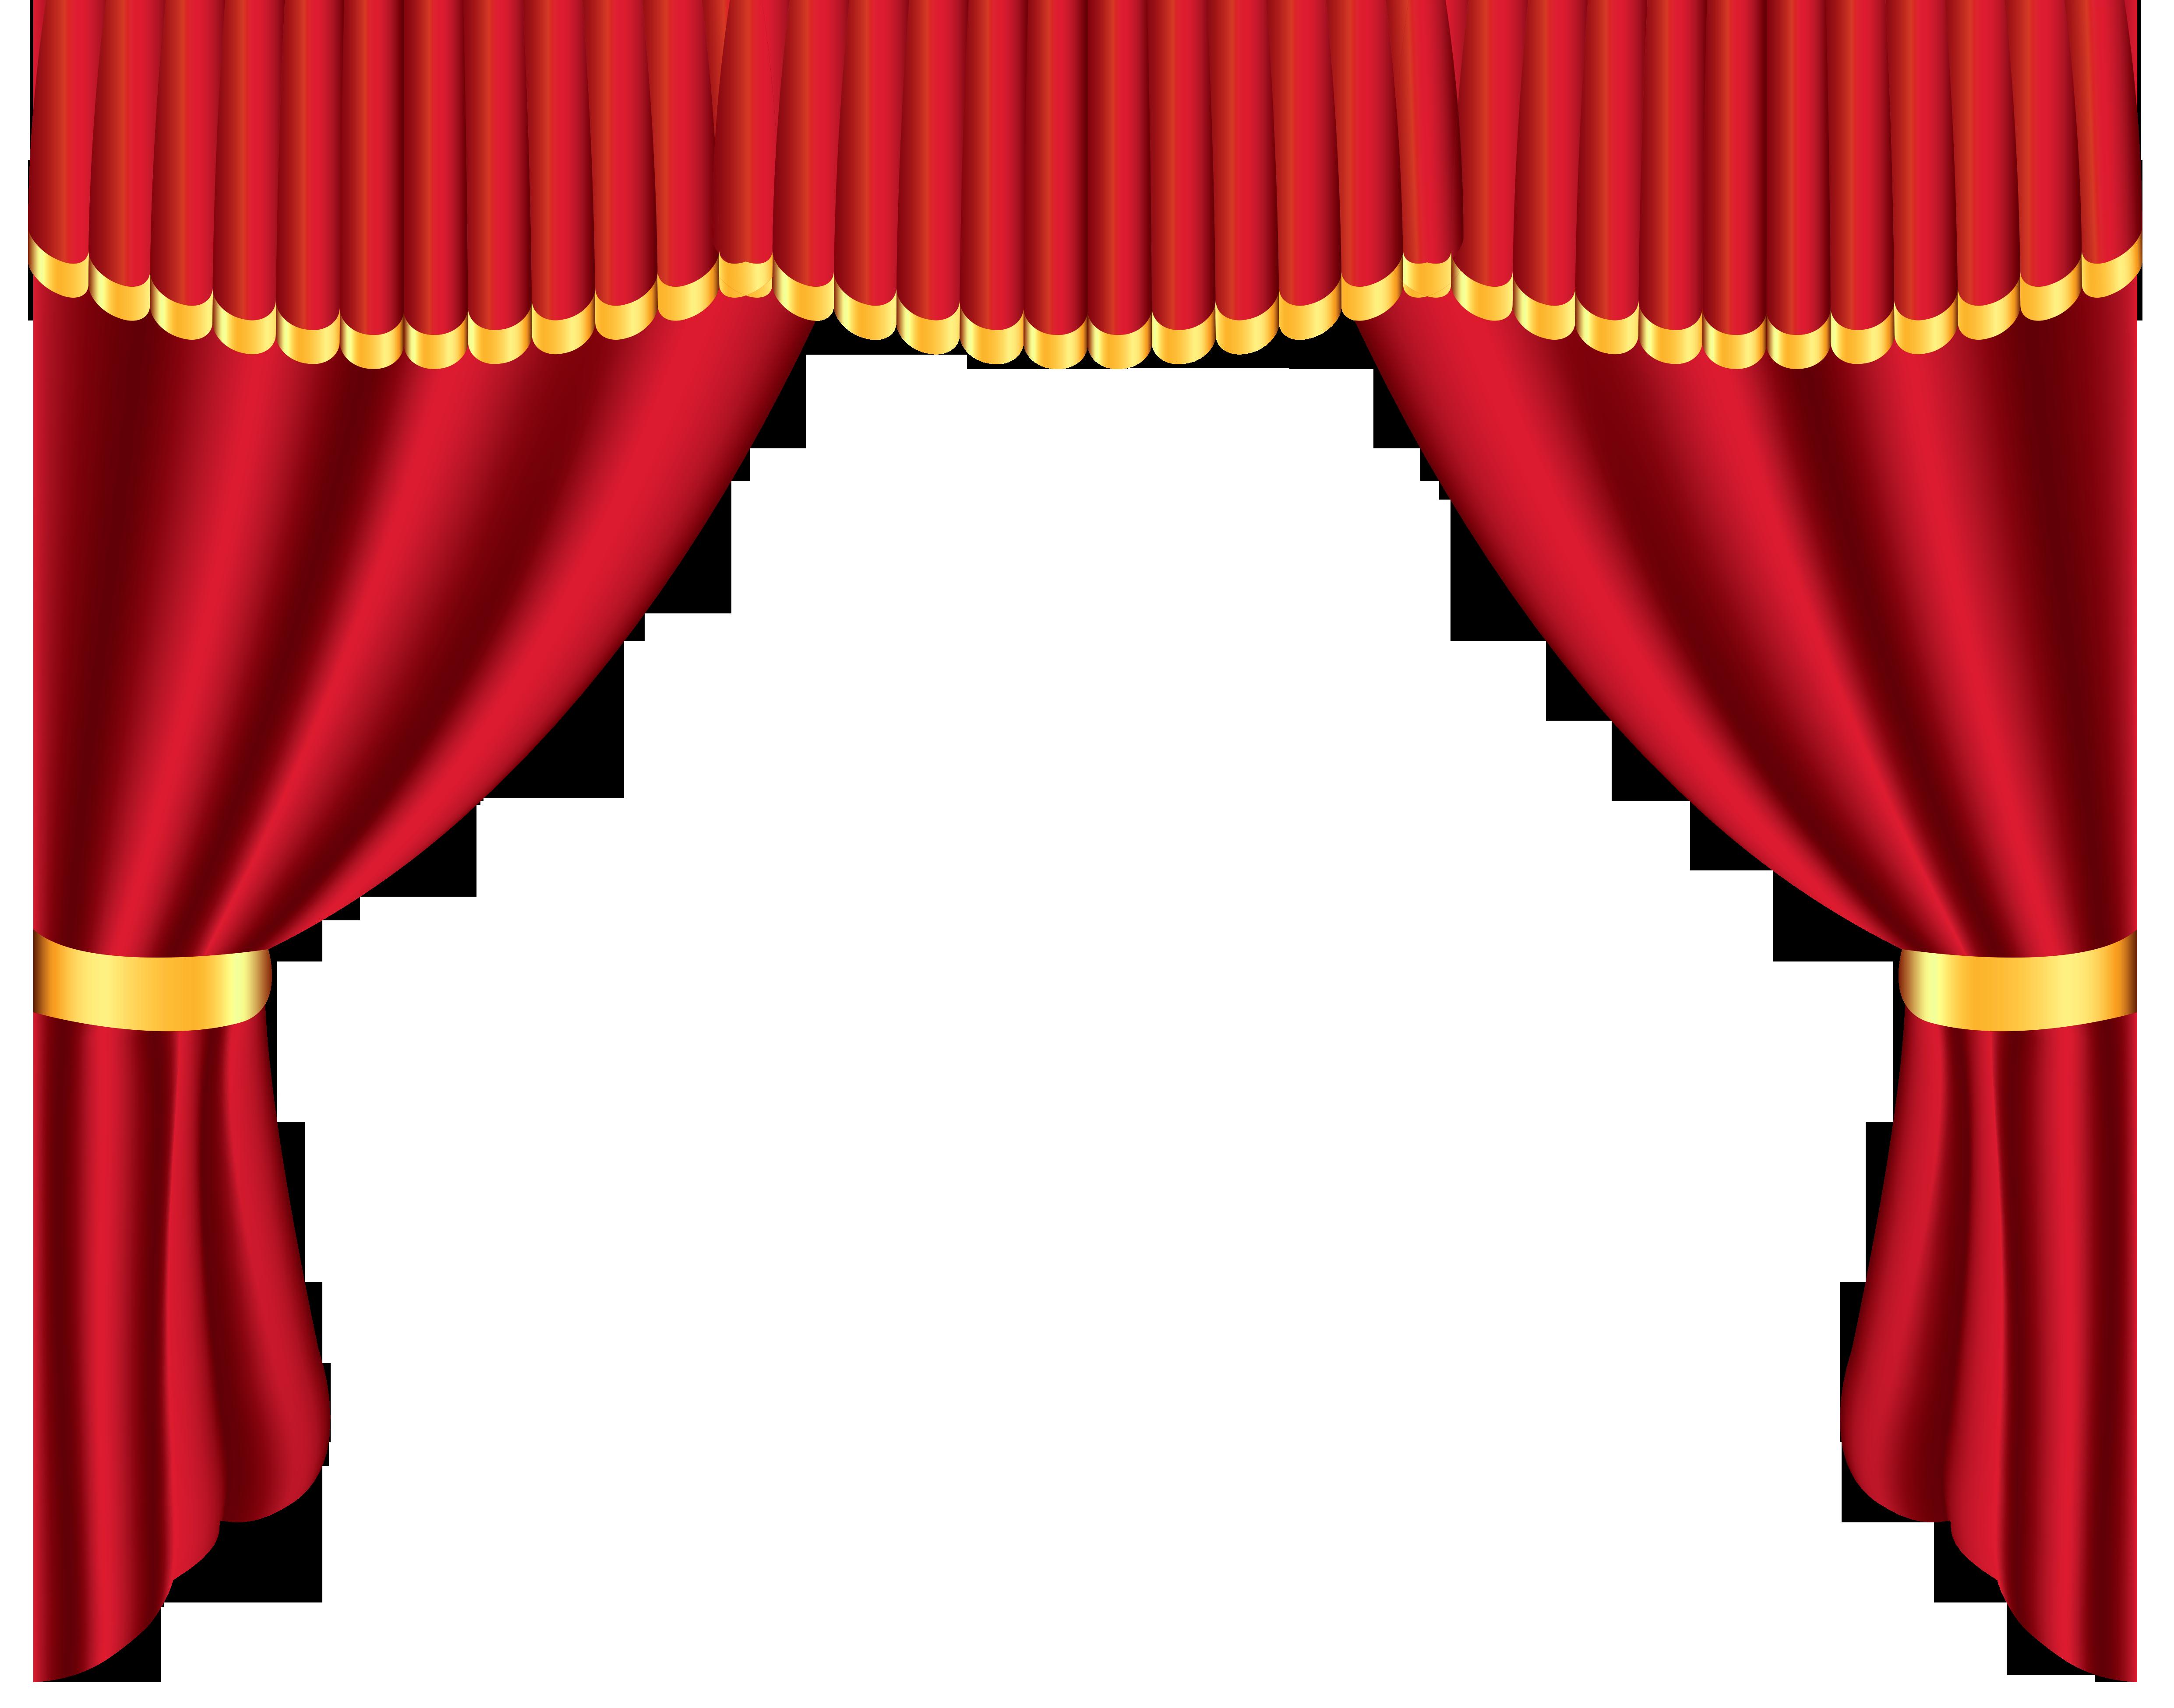 4964x3901 Curtains Clipart